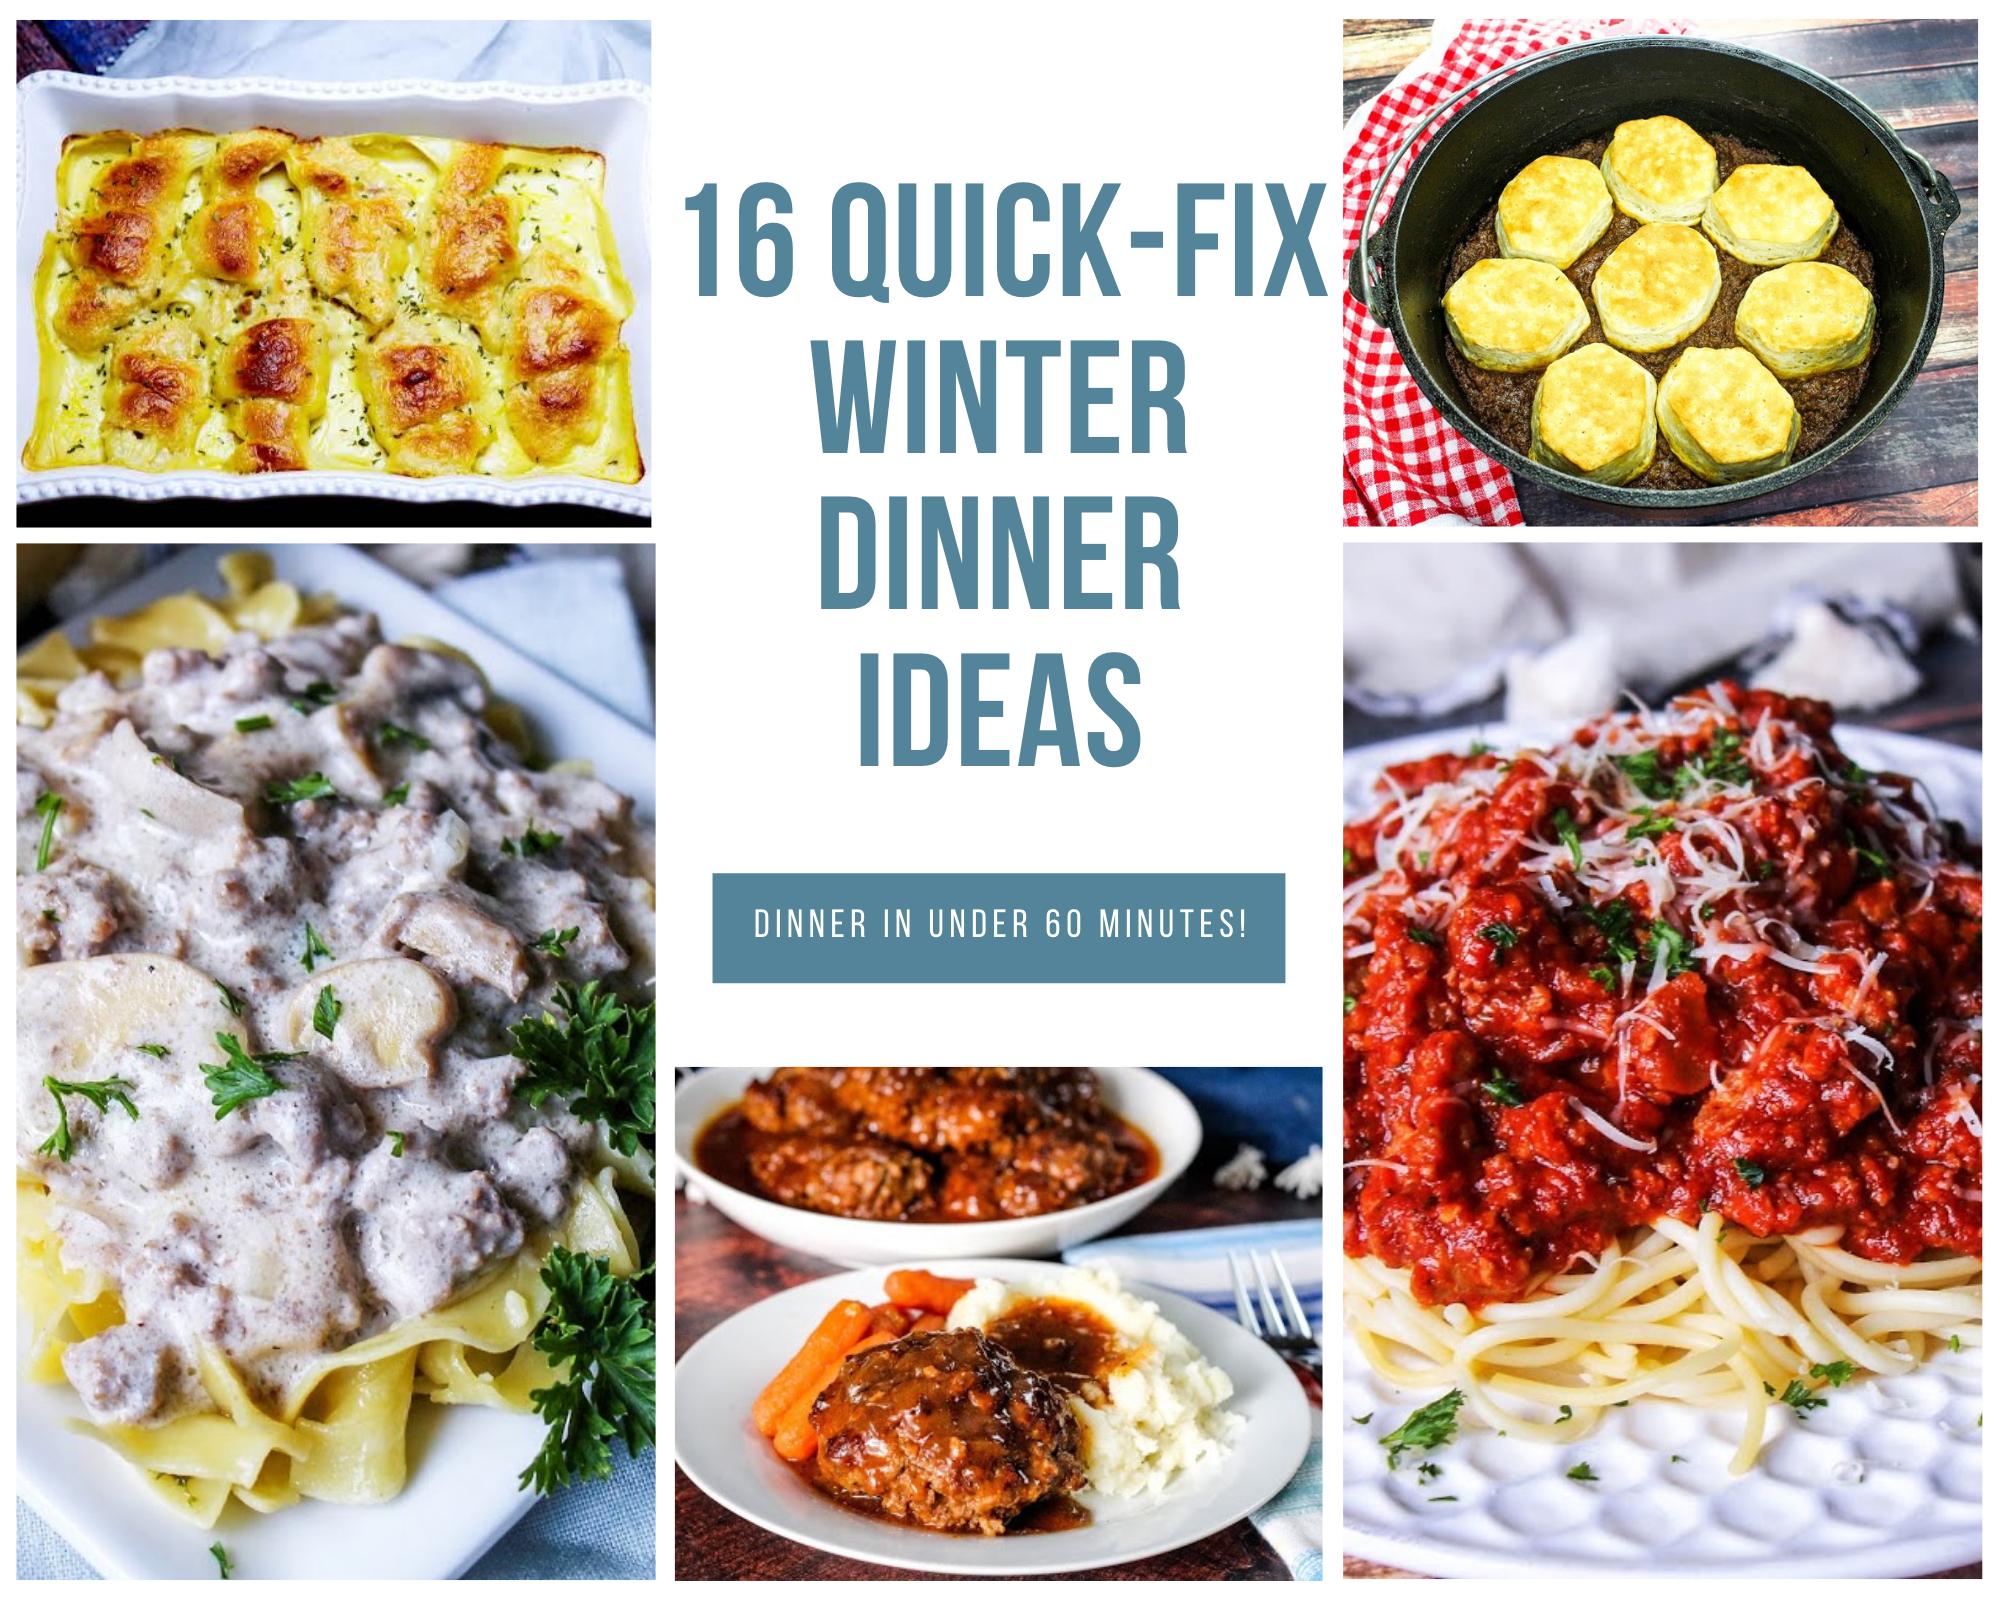 quick-fix dinner recipes